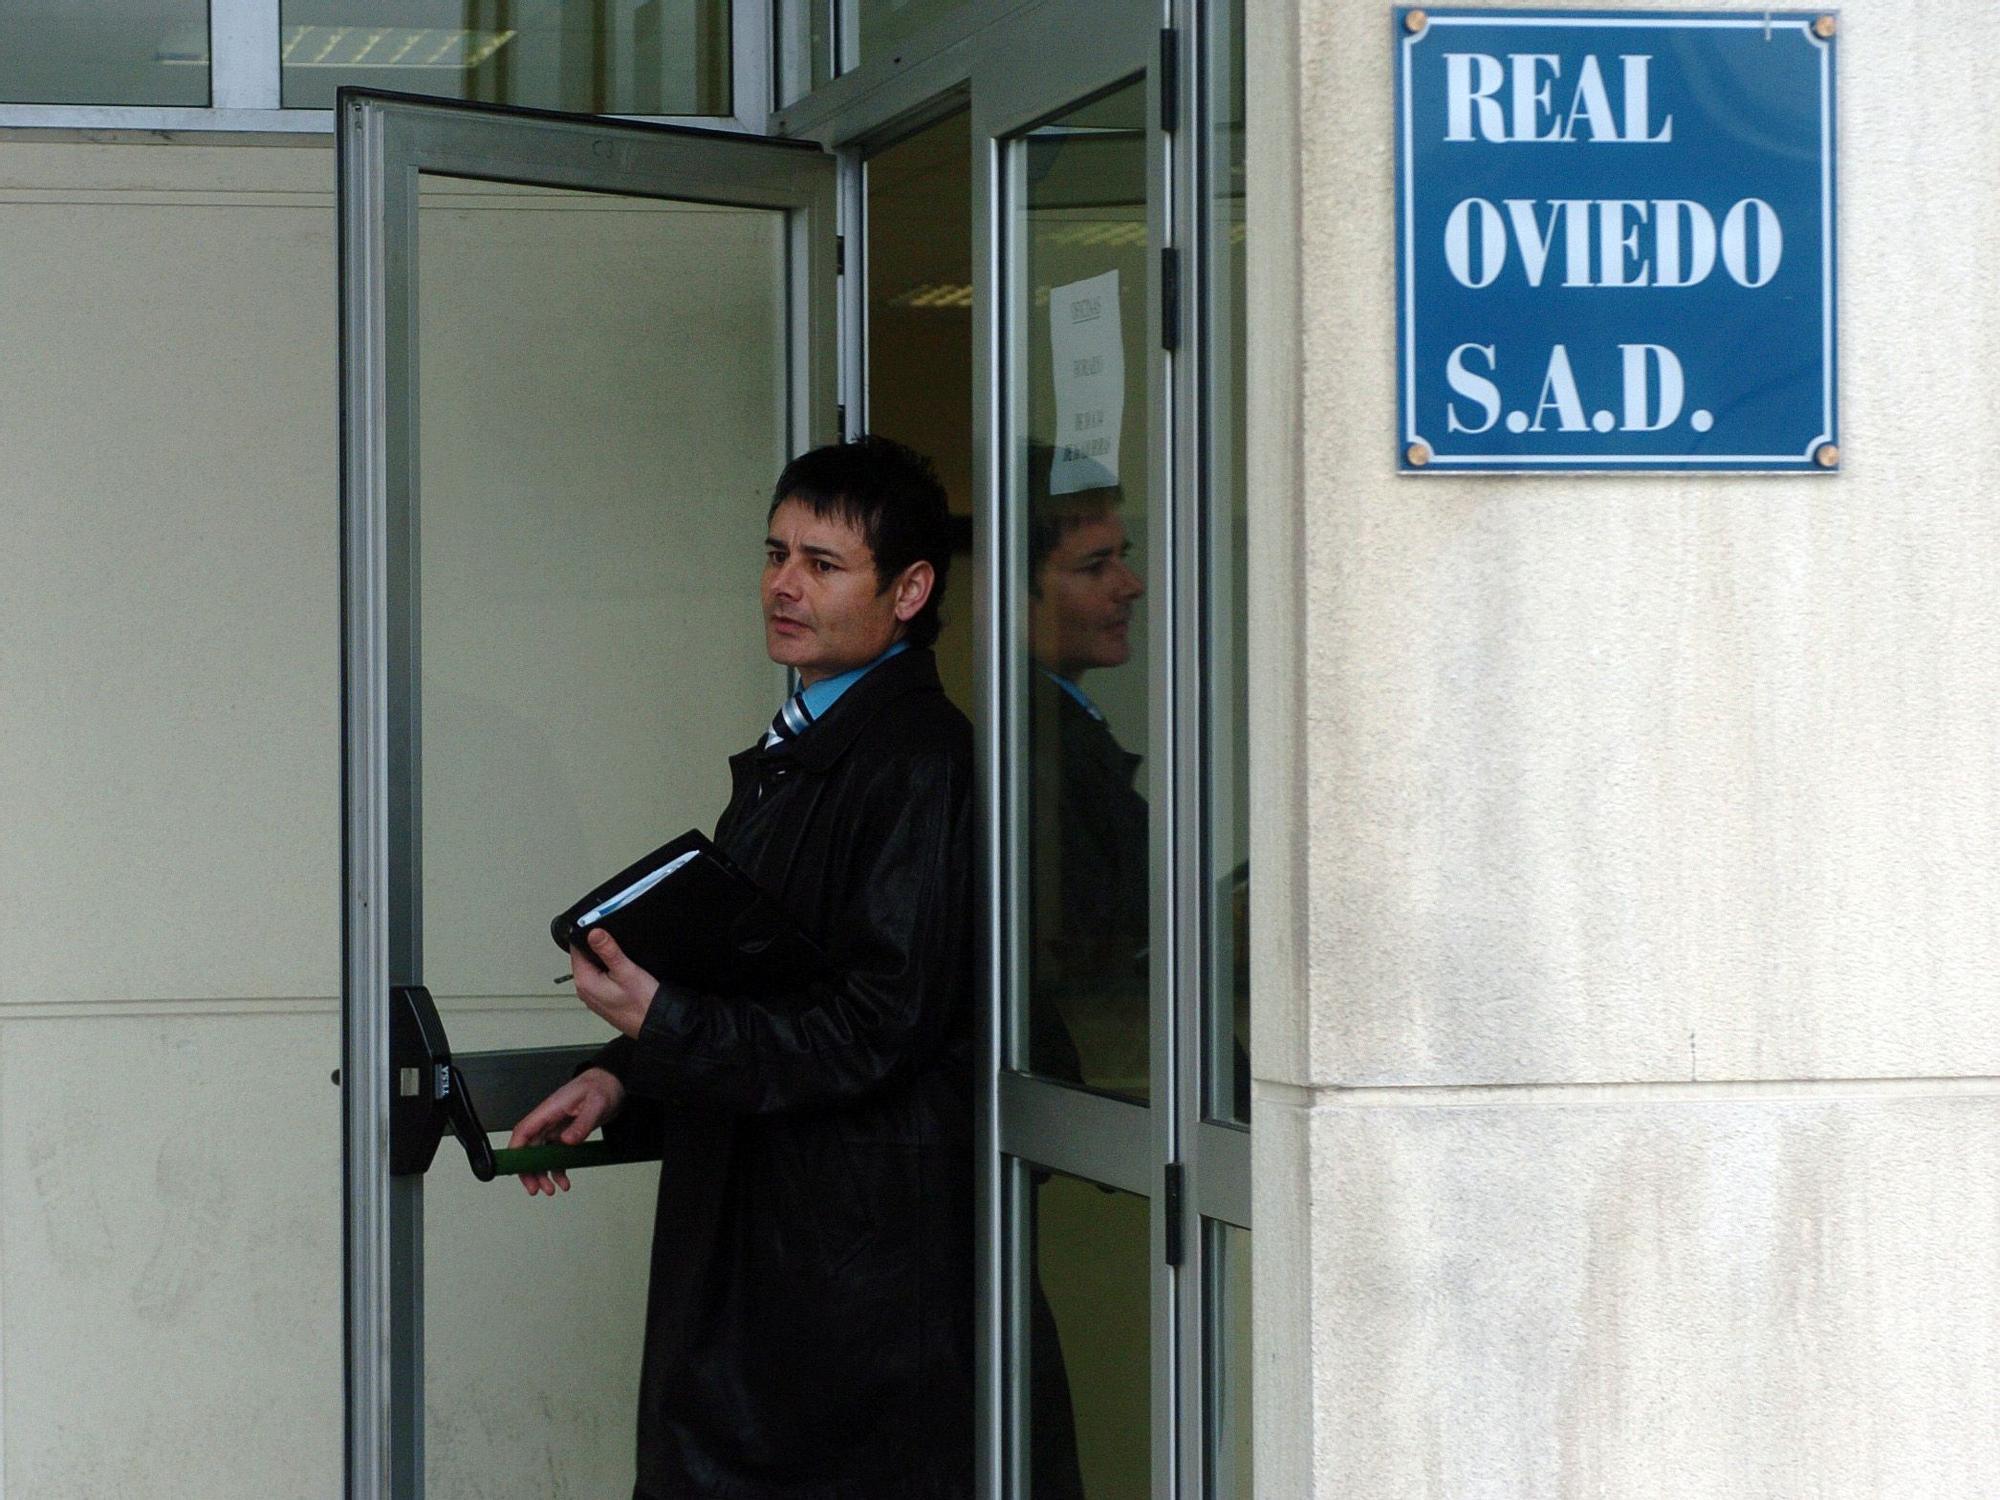 Antonio Rivas y el Oviedo, una vida en imágenes